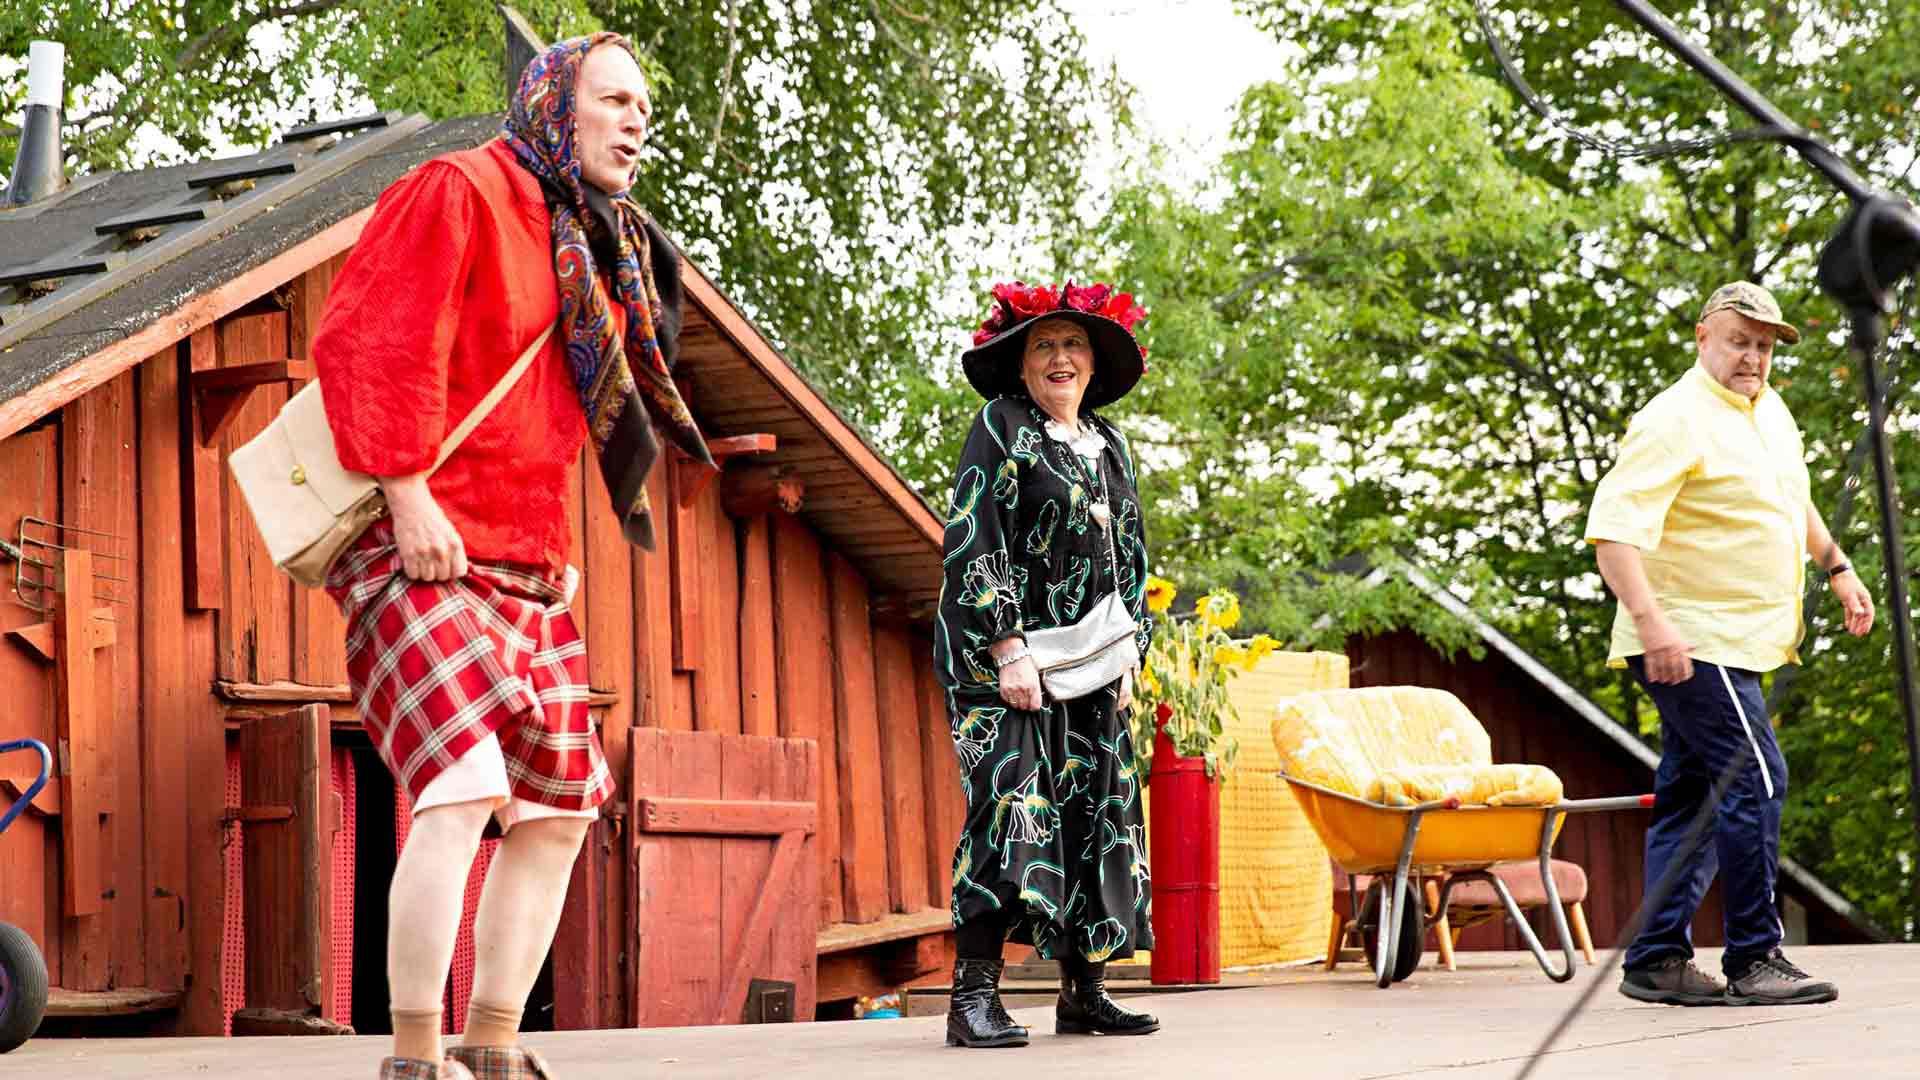 Rauha (Ilari Myllyvirta), Siviä (Satu Rantala) ja Kustaa (Aki Mattsson) hauskuuttavat järvenpääläisyleisöä.